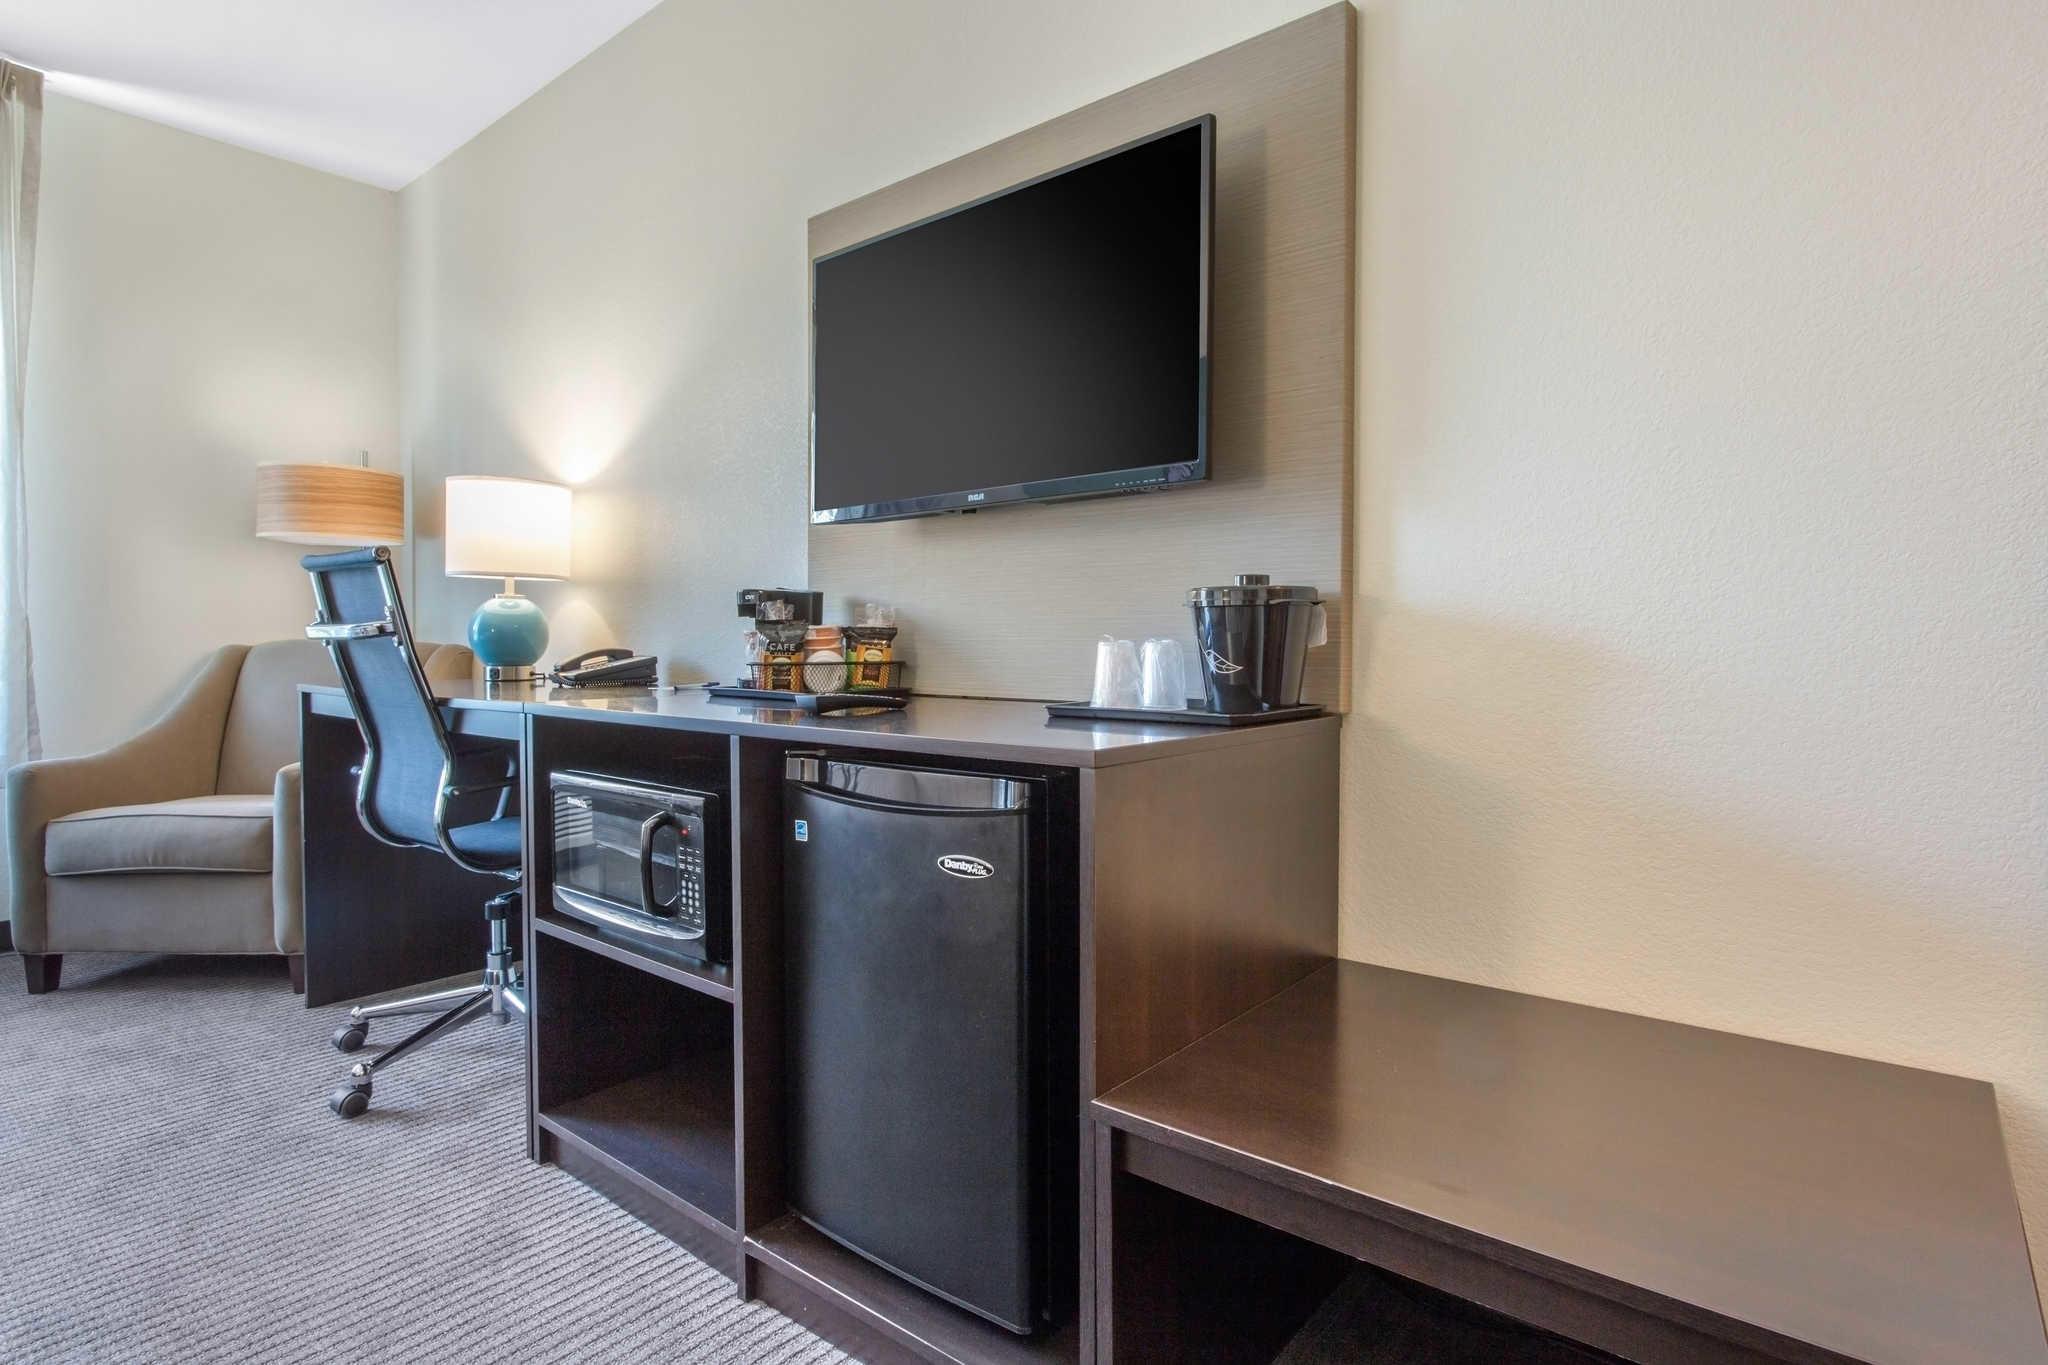 Sleep Inn & Suites Monroe - Woodbury image 11